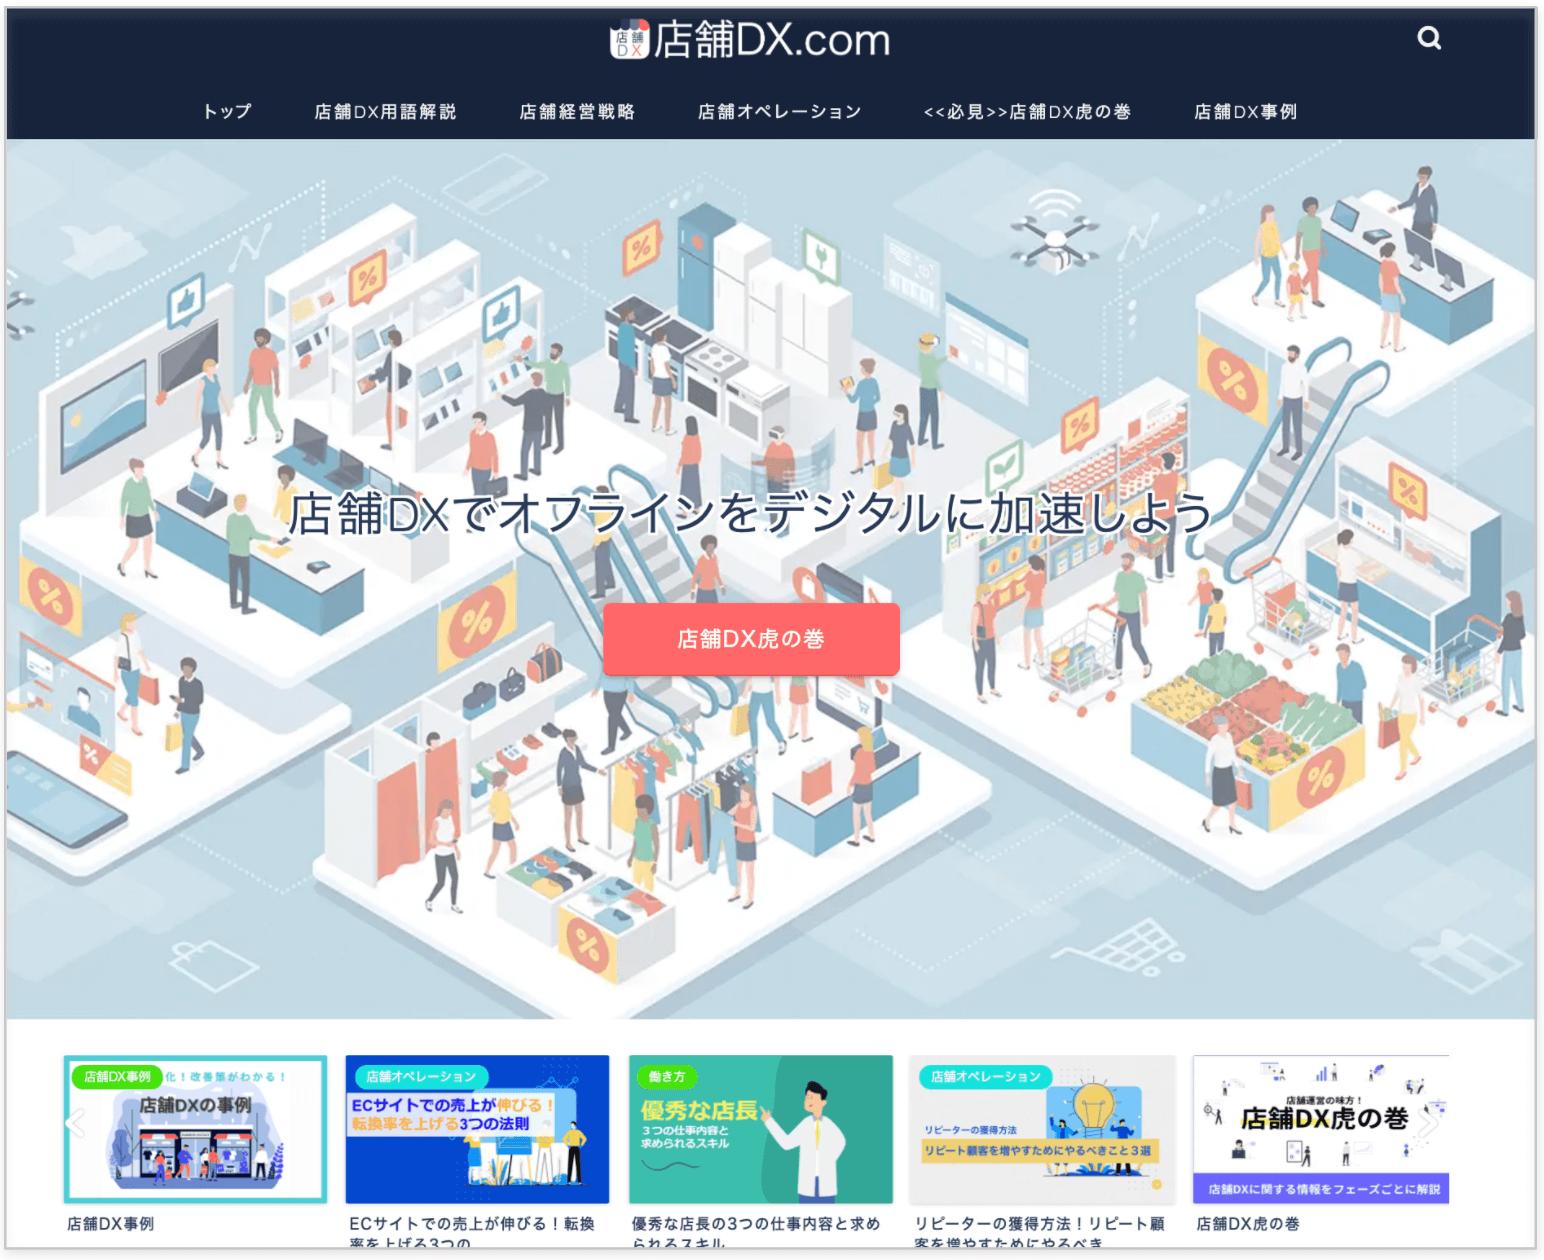 【リテール事業経営者・マネージャー向け】リアル店舗のDX促進メディア「店舗DX.com」をリリース